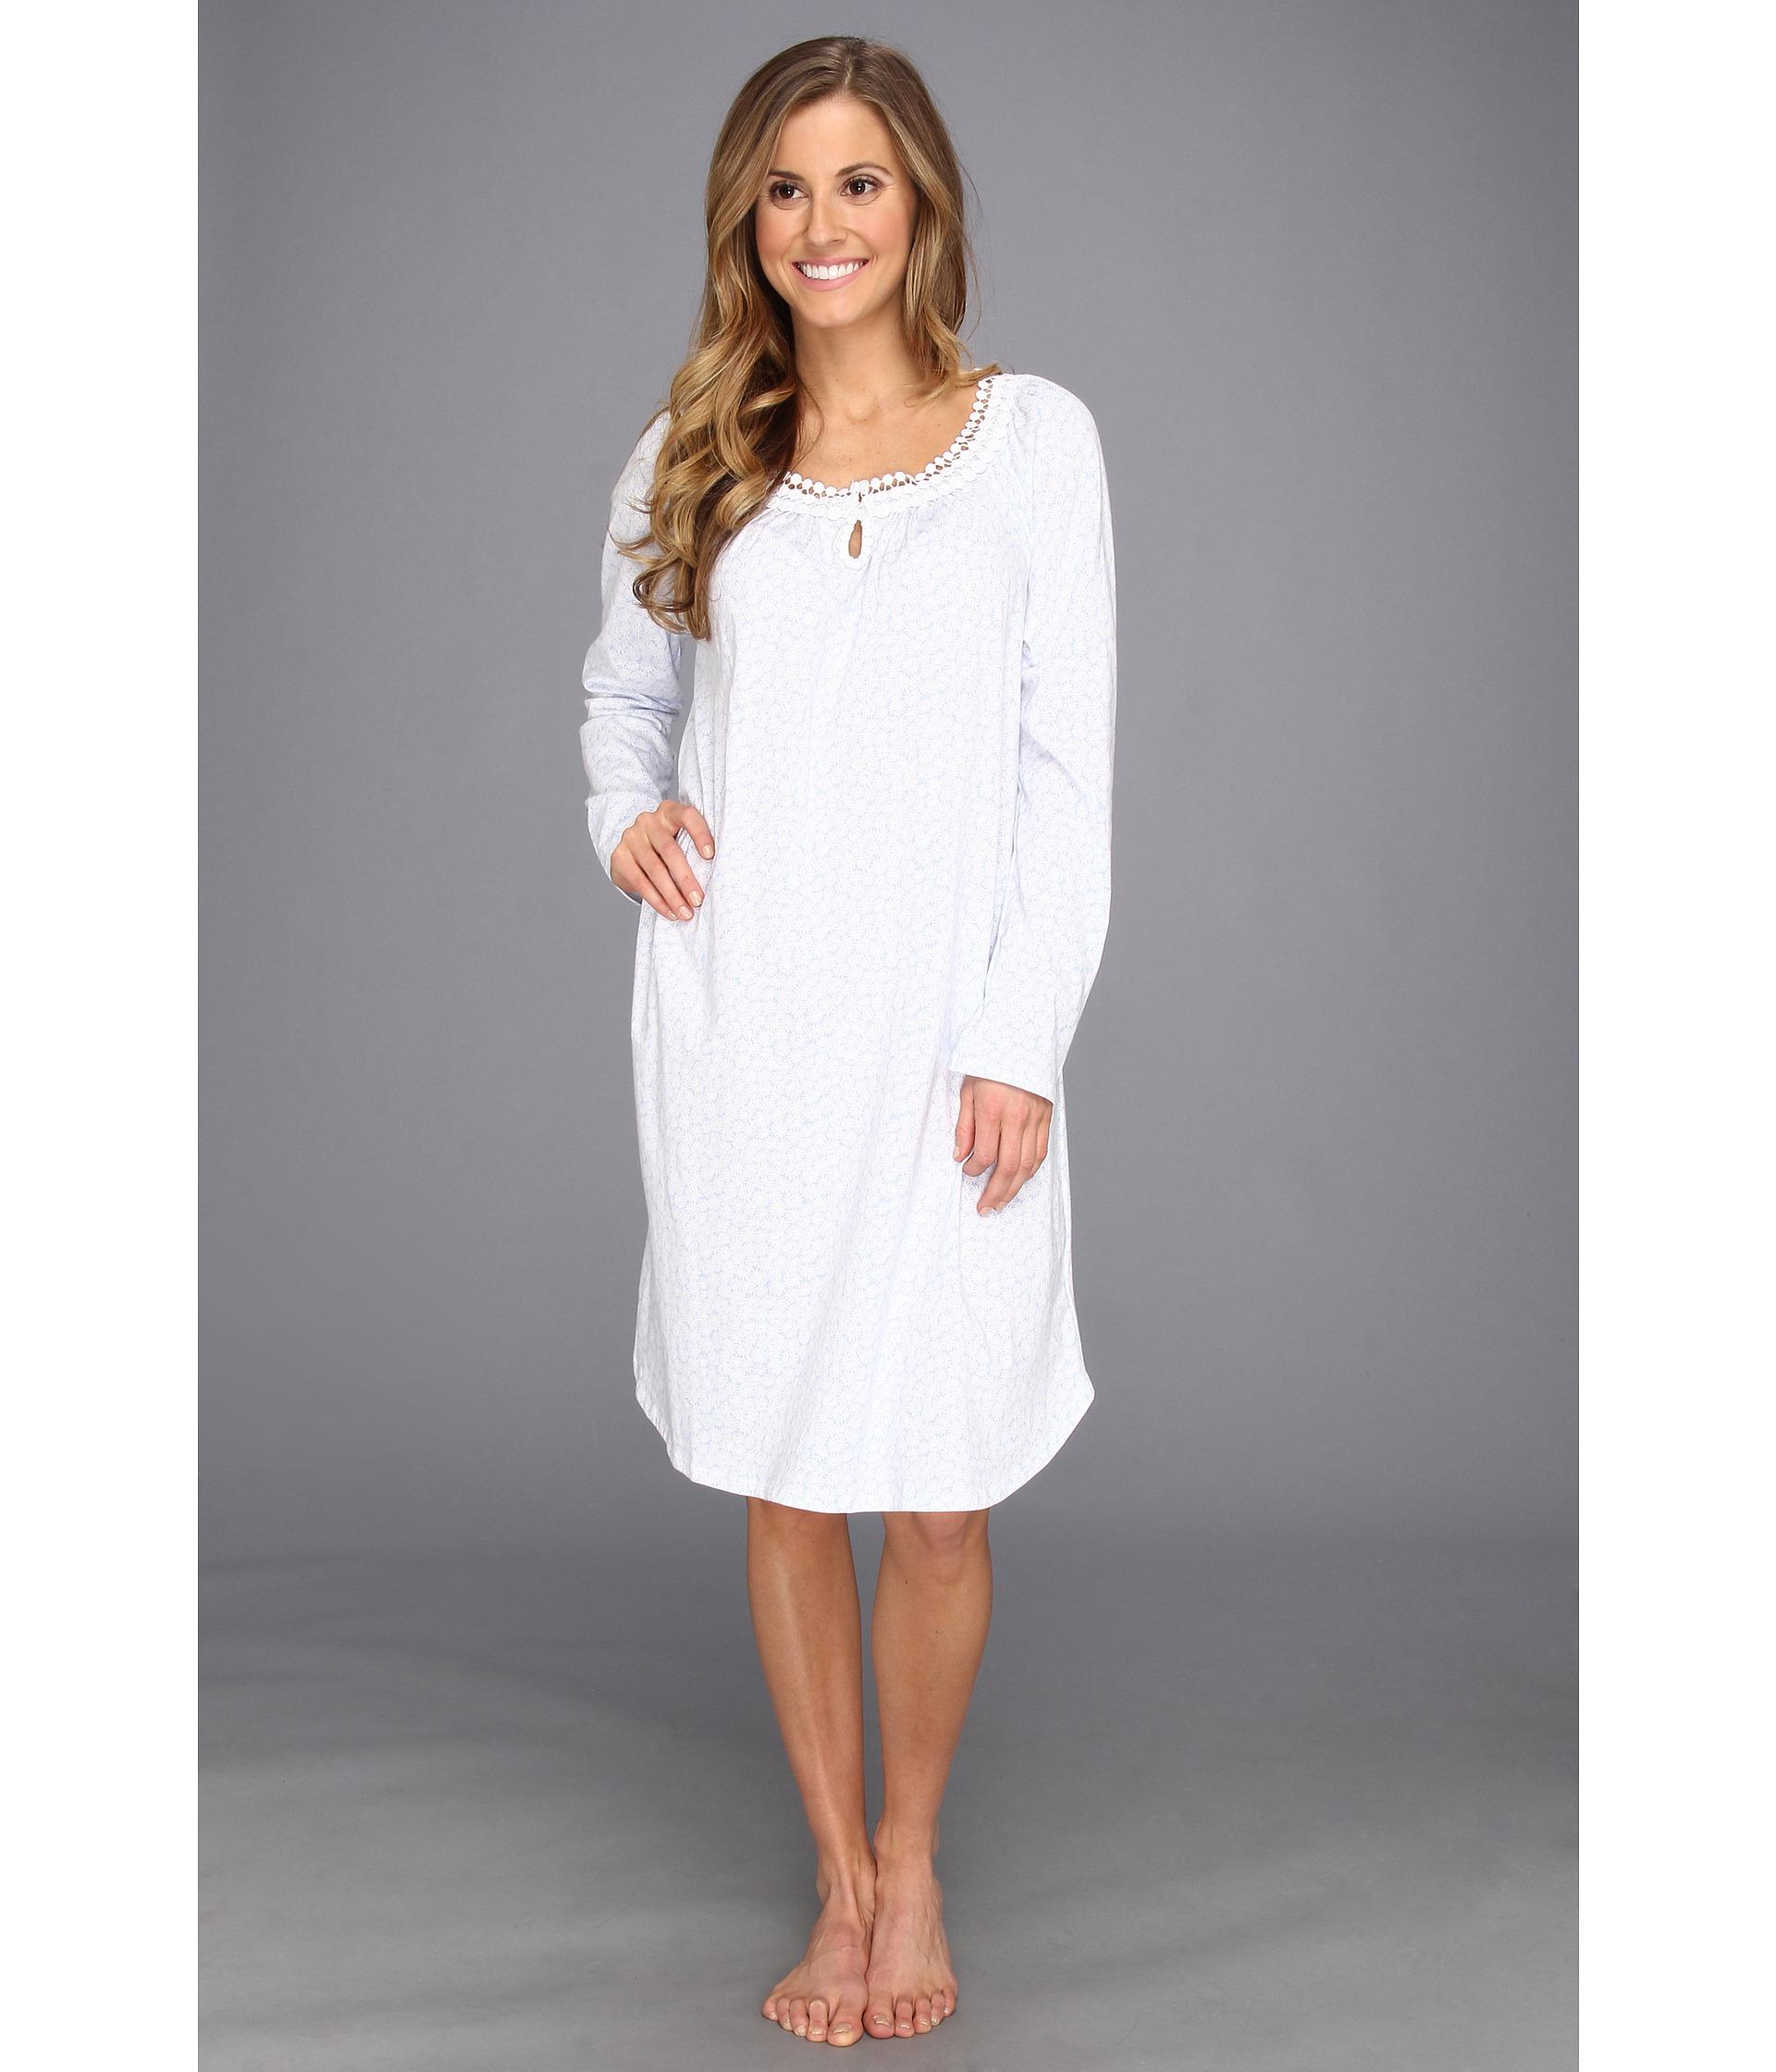 Lyst - Carole Hochman Garden Daisies Short Nightgown in White